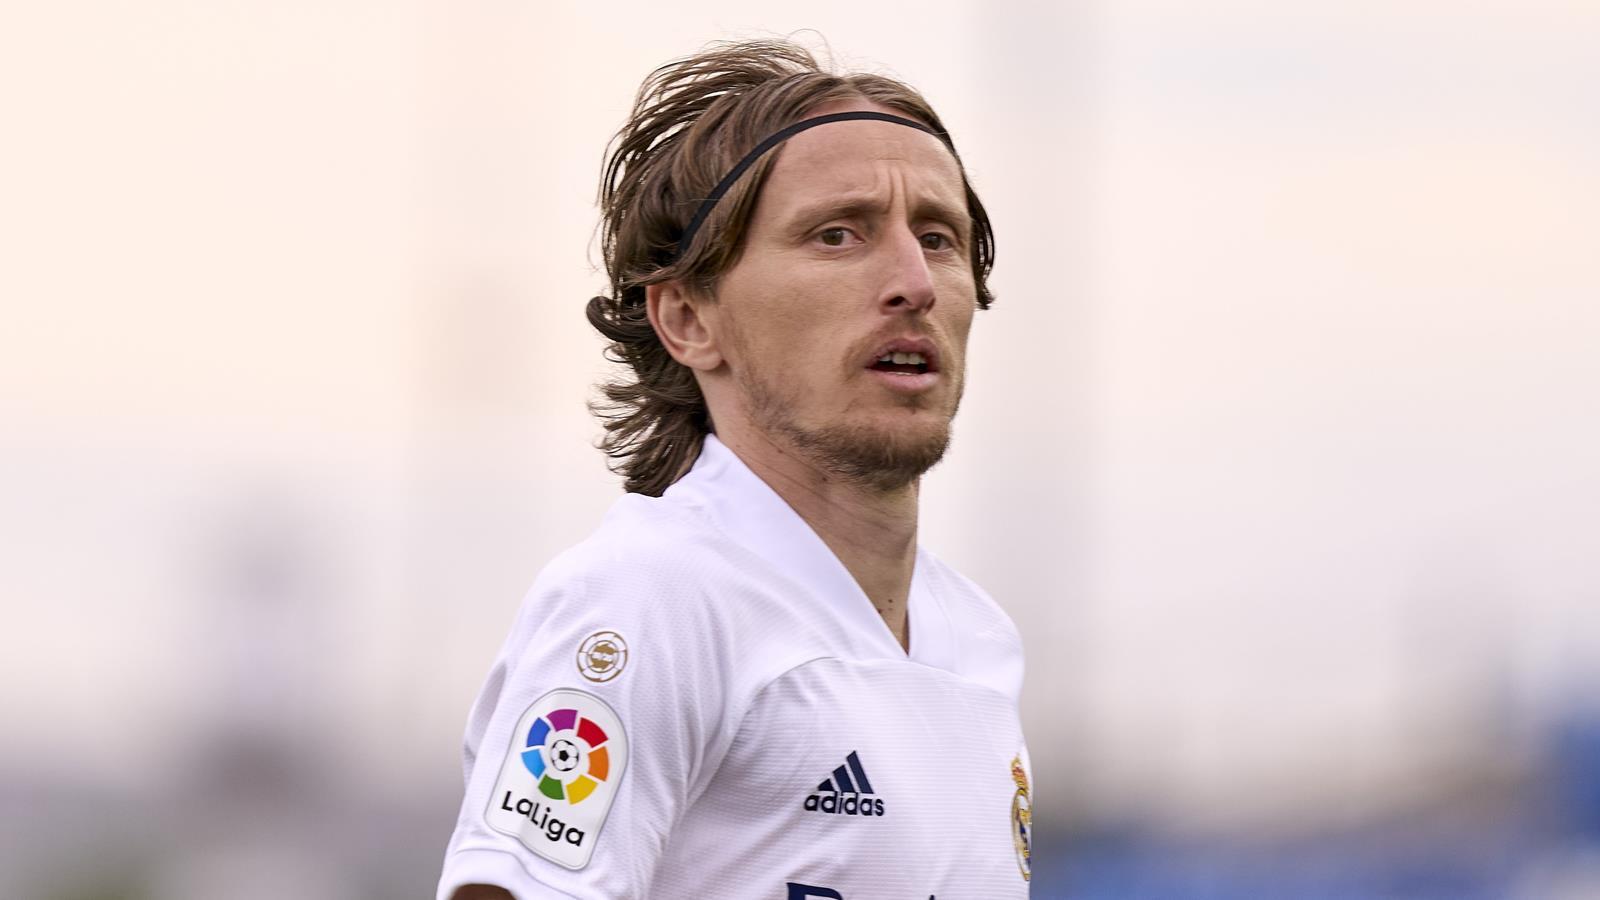 Đội hình tiêu biểu vòng 4 La Liga: Quả bóng vàng World Cup, Benzema quá hay - Bóng Đá